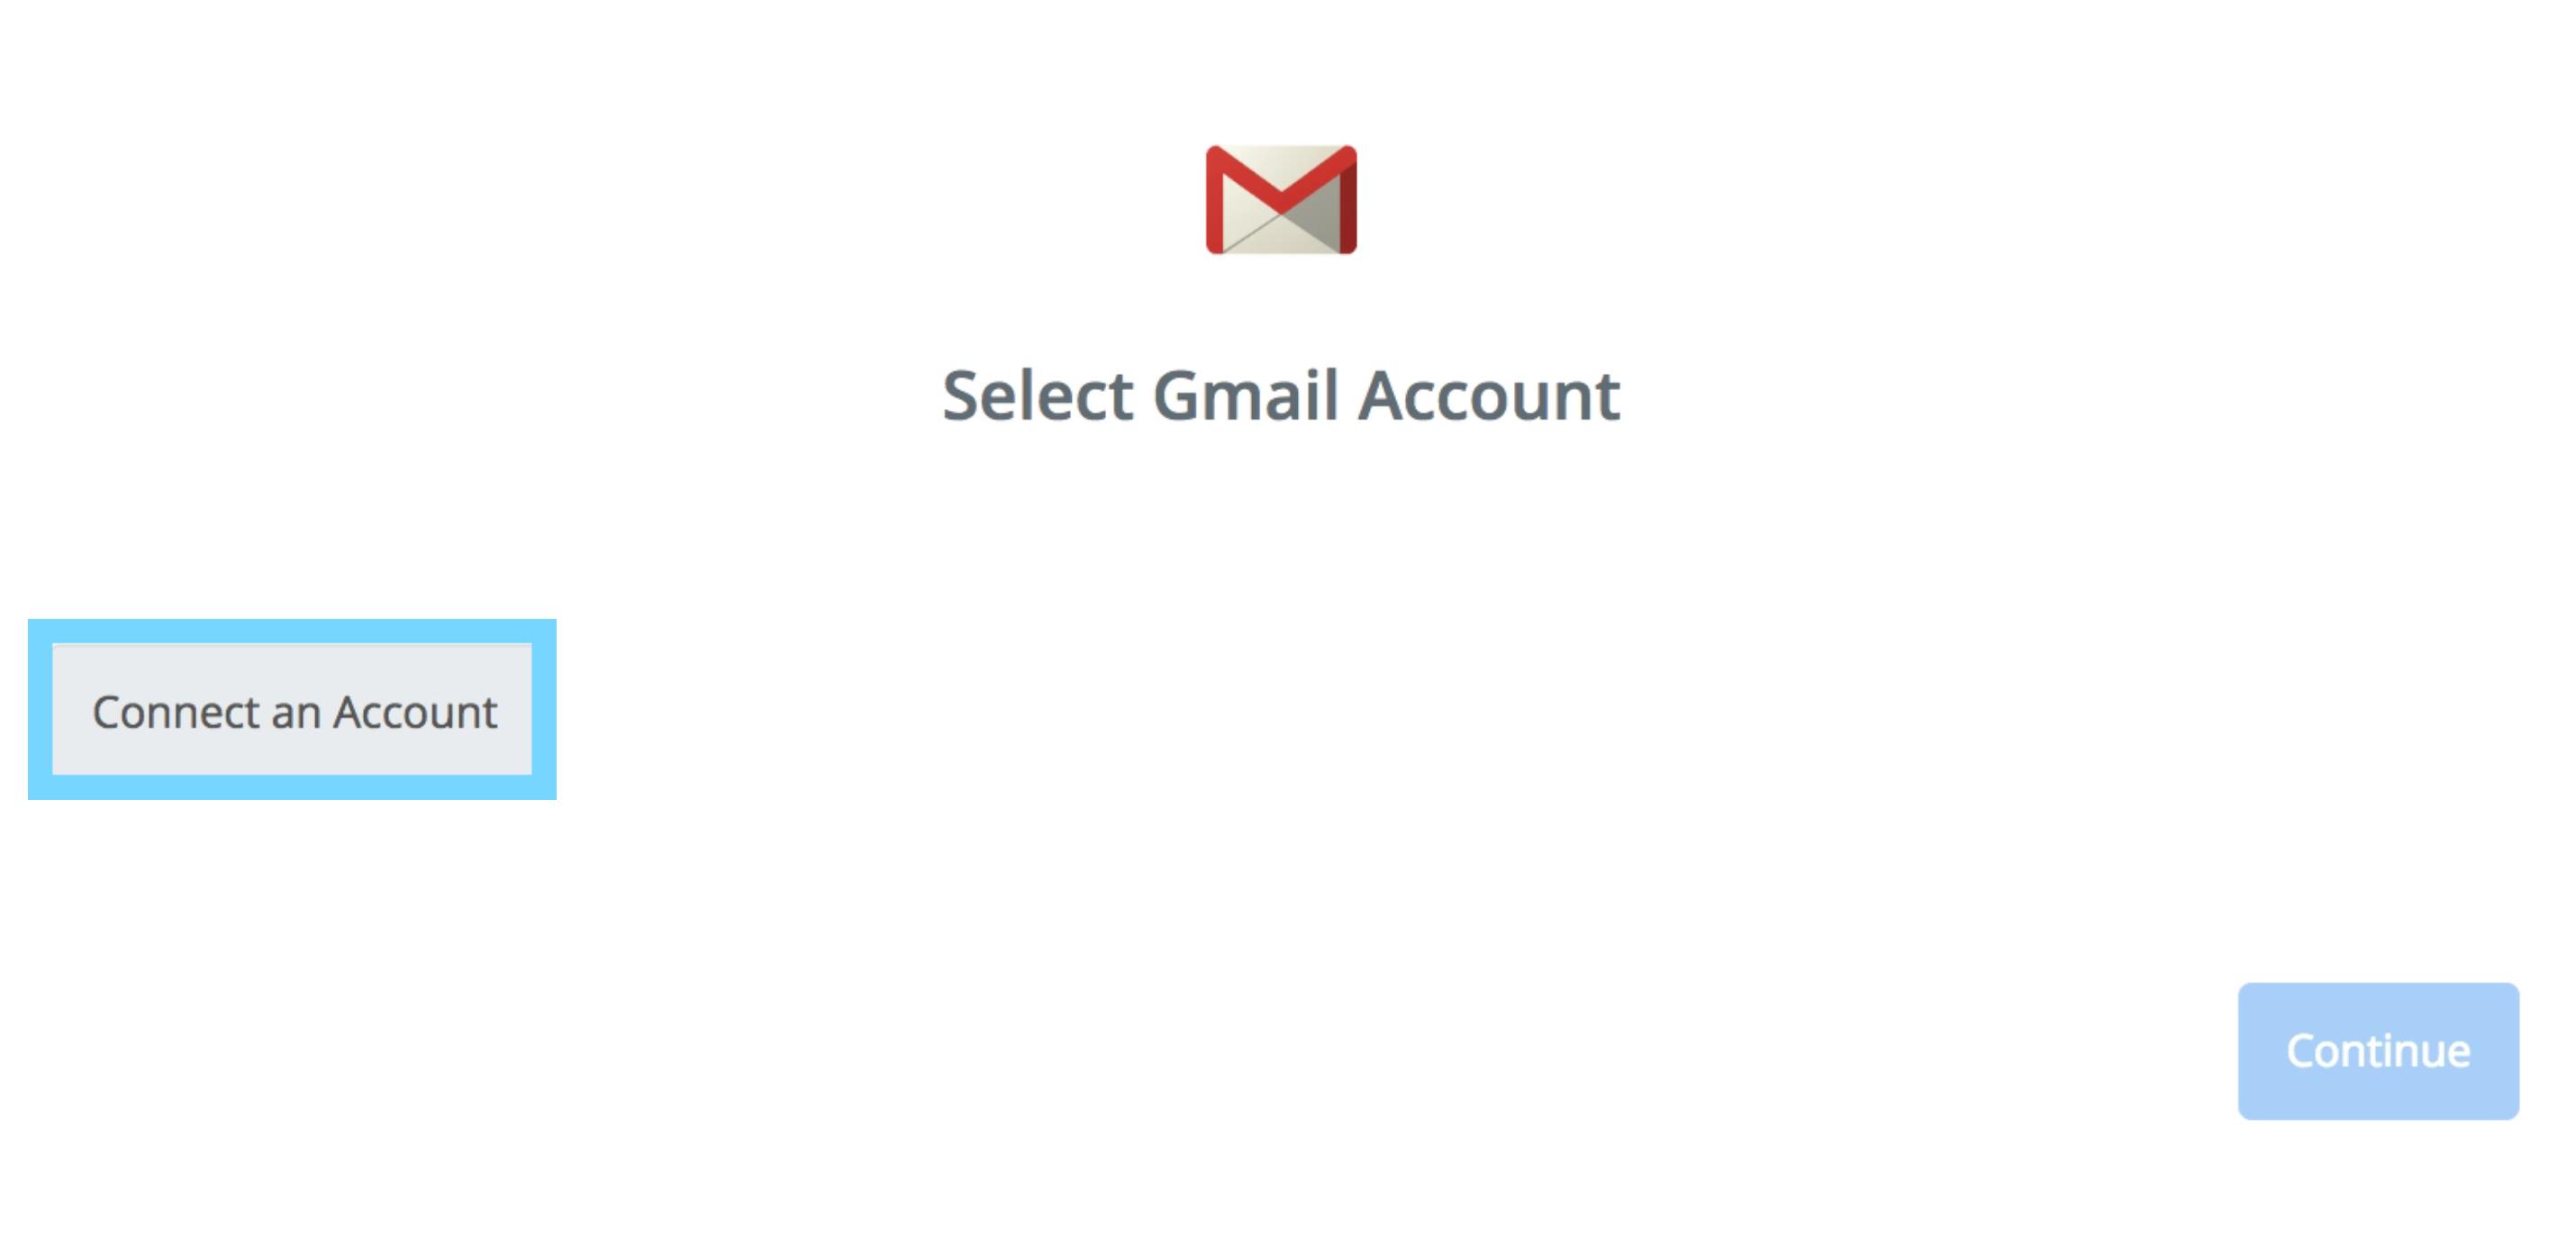 「Connect an Account」でGmailのアカウントを連携する